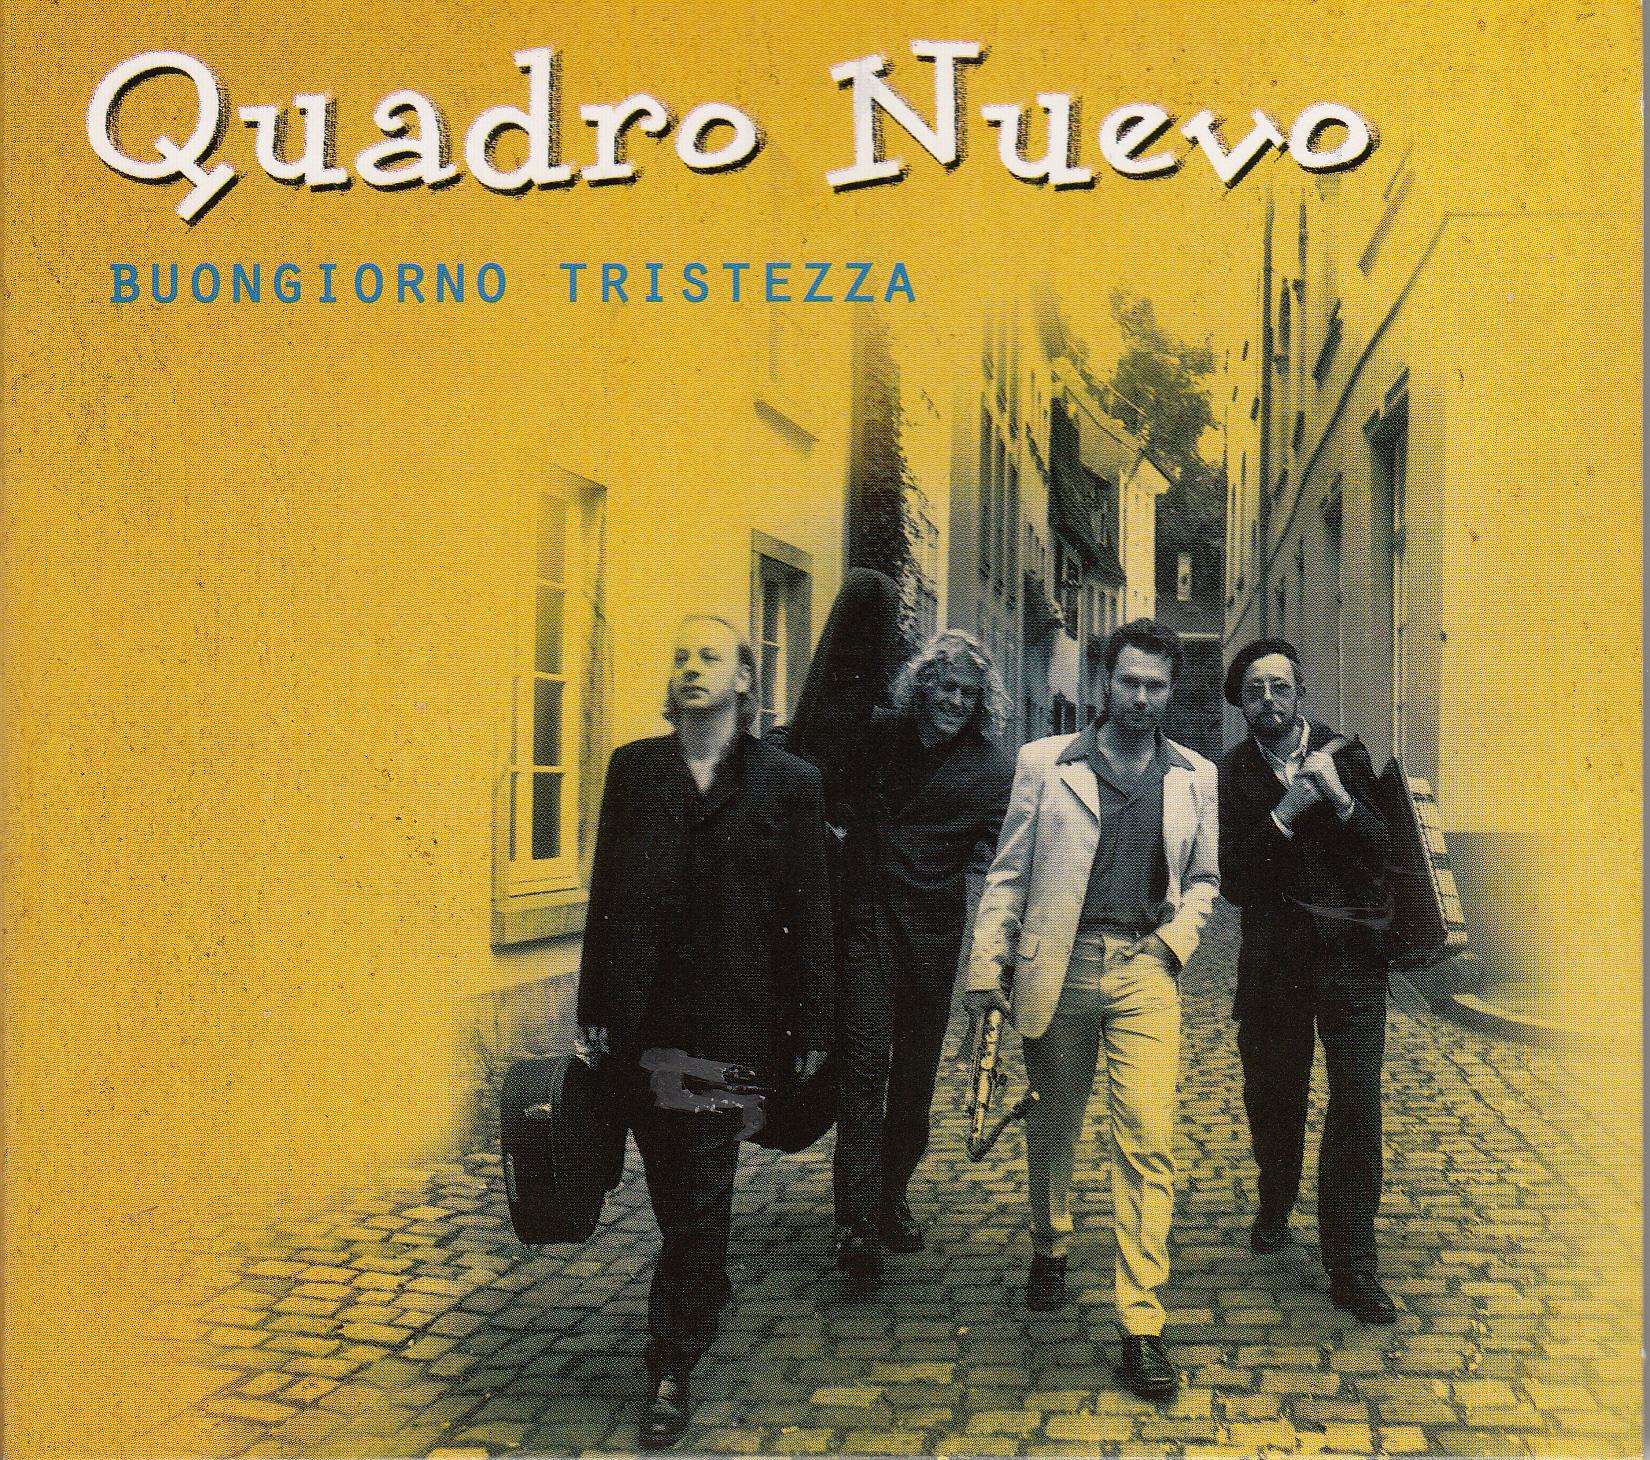 Quadro Nuevo - Buongiorno Tristezza